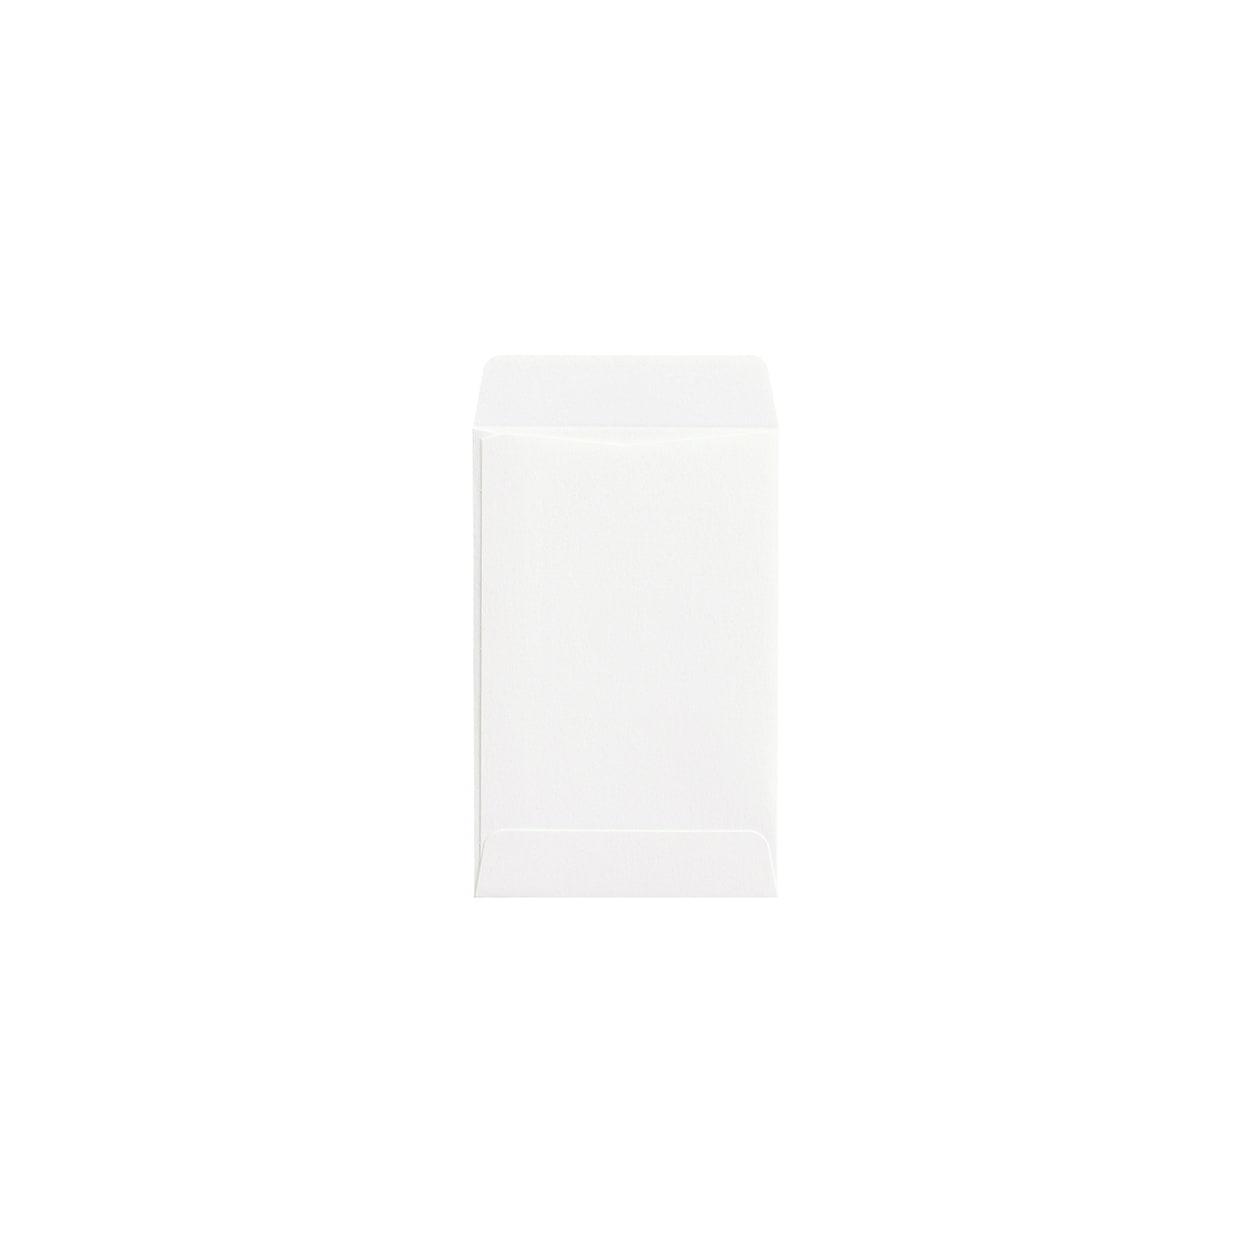 サンプル 封筒・袋 00078